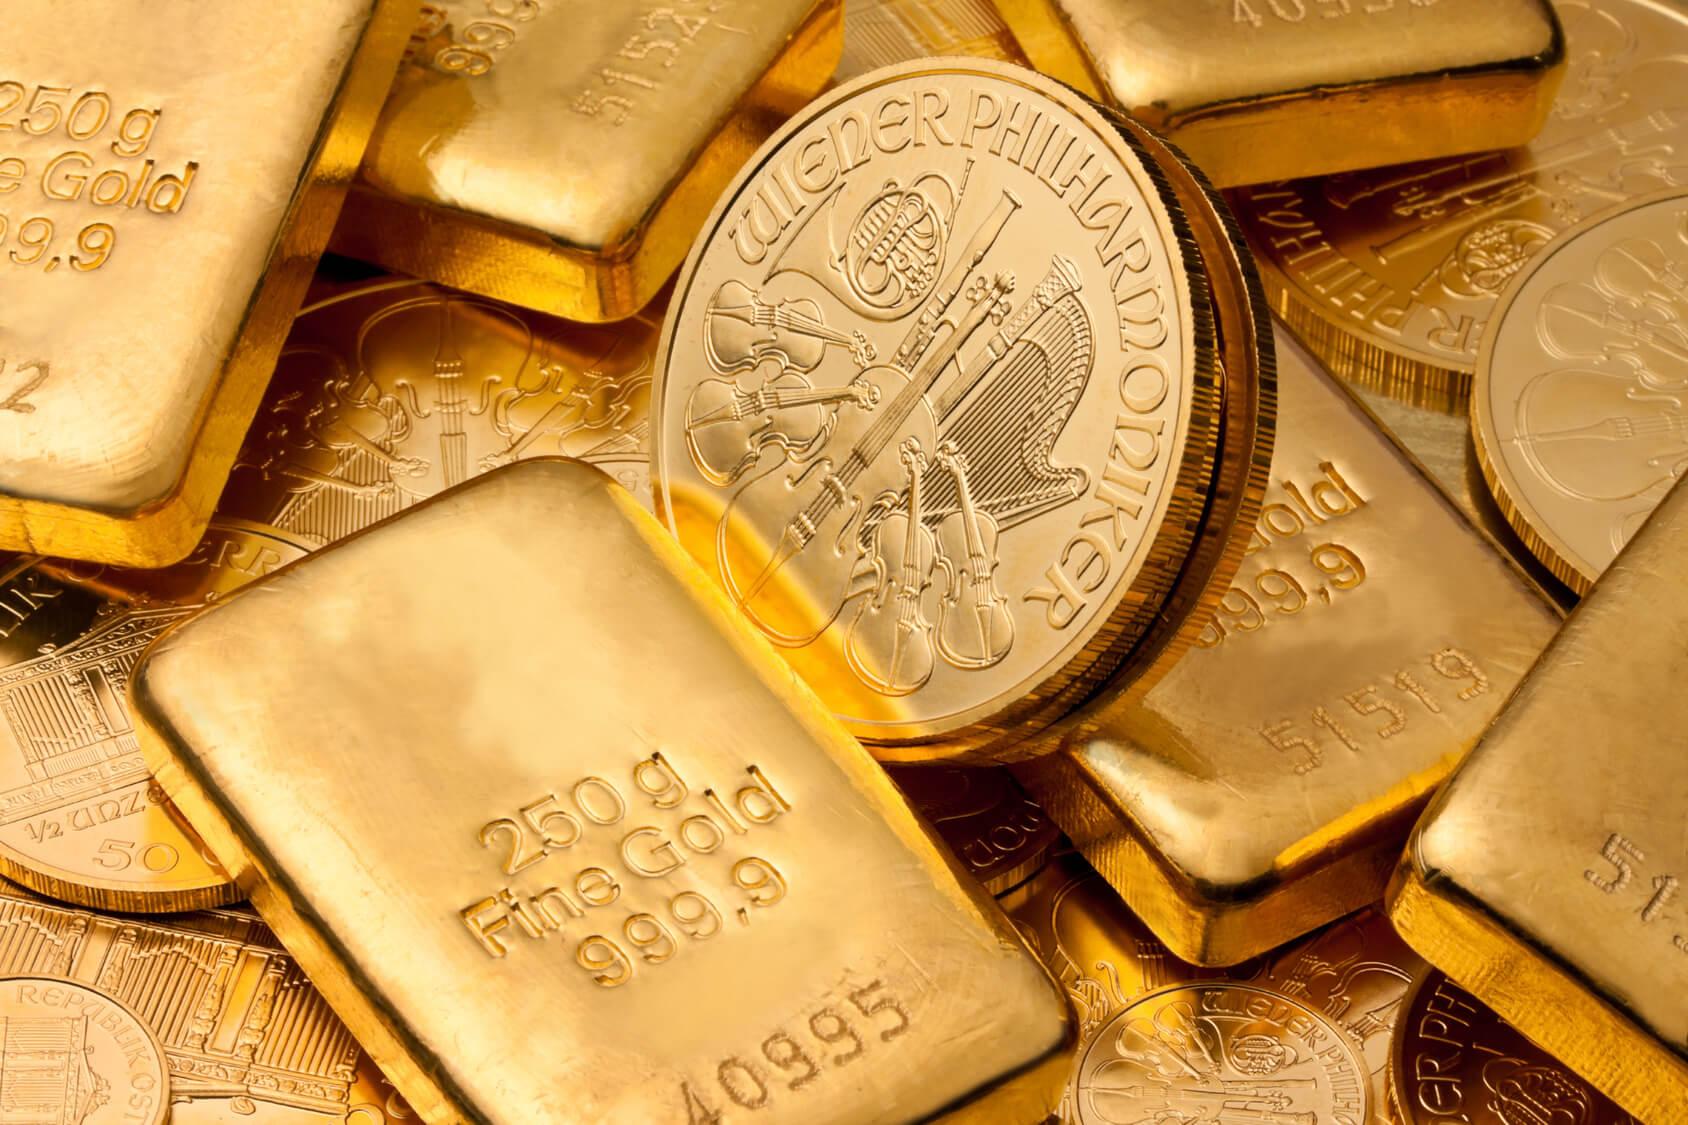 """Golden Gates Edelmetalle: """"Inflationssichere Coins bestehen aus Gold, nicht aus Bits!"""""""